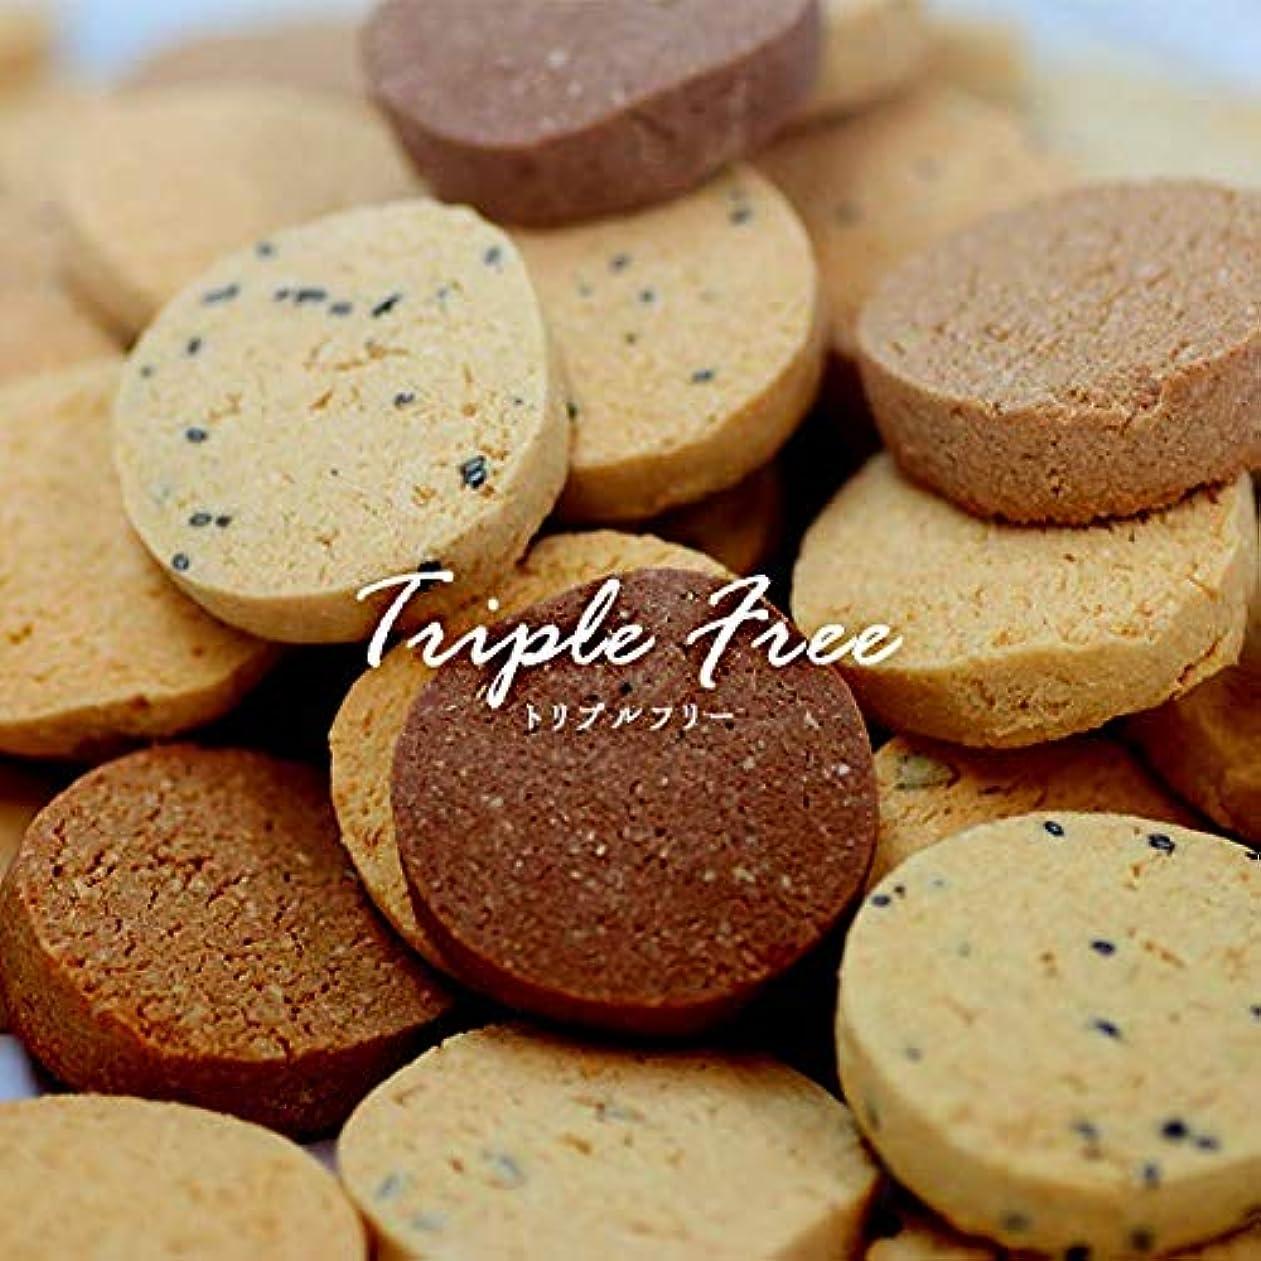 誠実遠近法アソシエイト新感覚!大人気5種類!Triple Free 豆乳おからクッキー 1kg(個包装)小麦粉不使用のダイエットクッキー